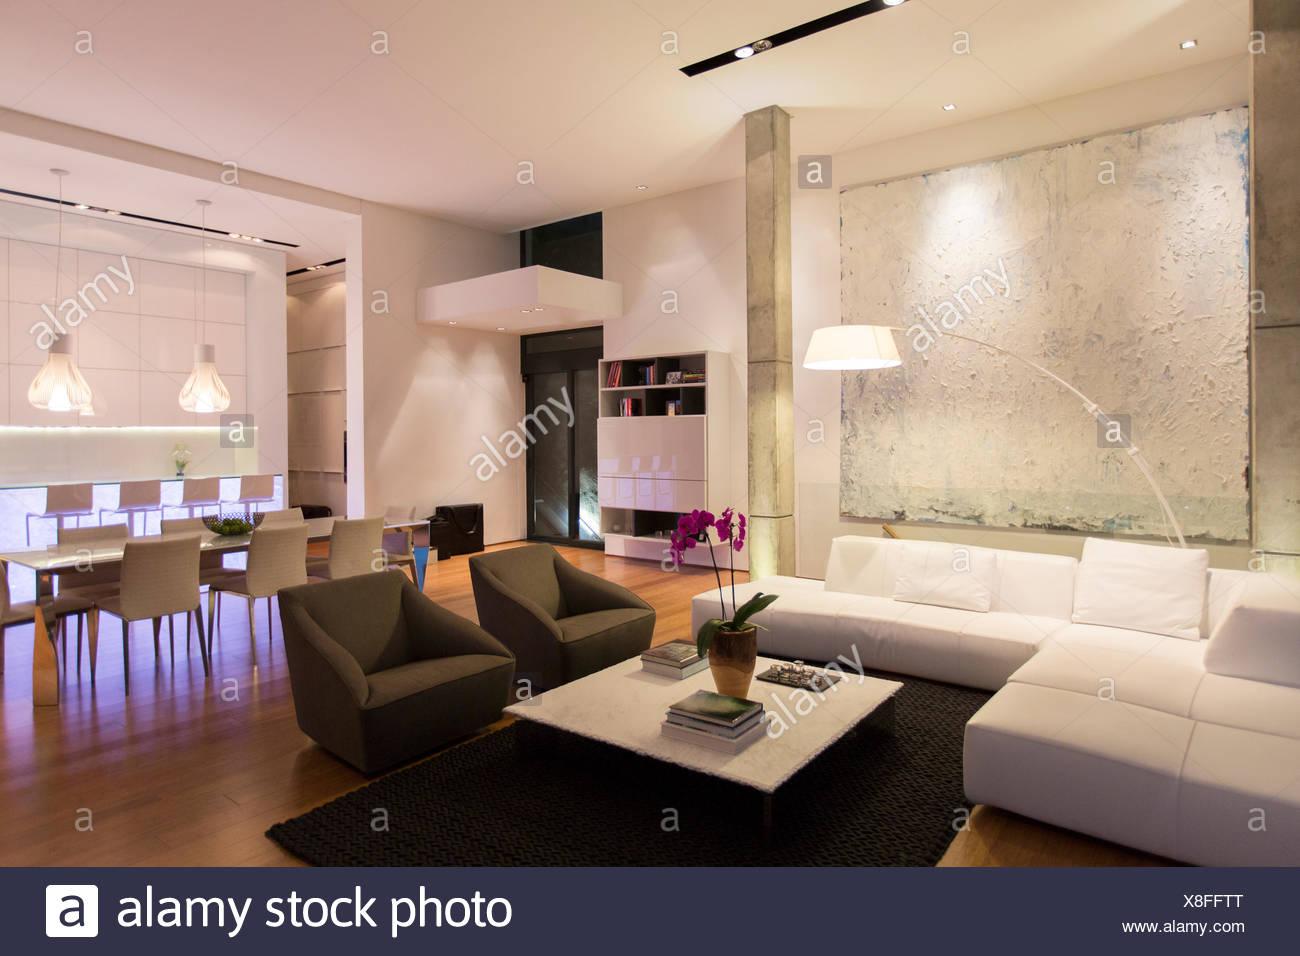 Sofa und Tisch in moderne Wohnzimmer Stockfoto, Bild: 280624872 - Alamy